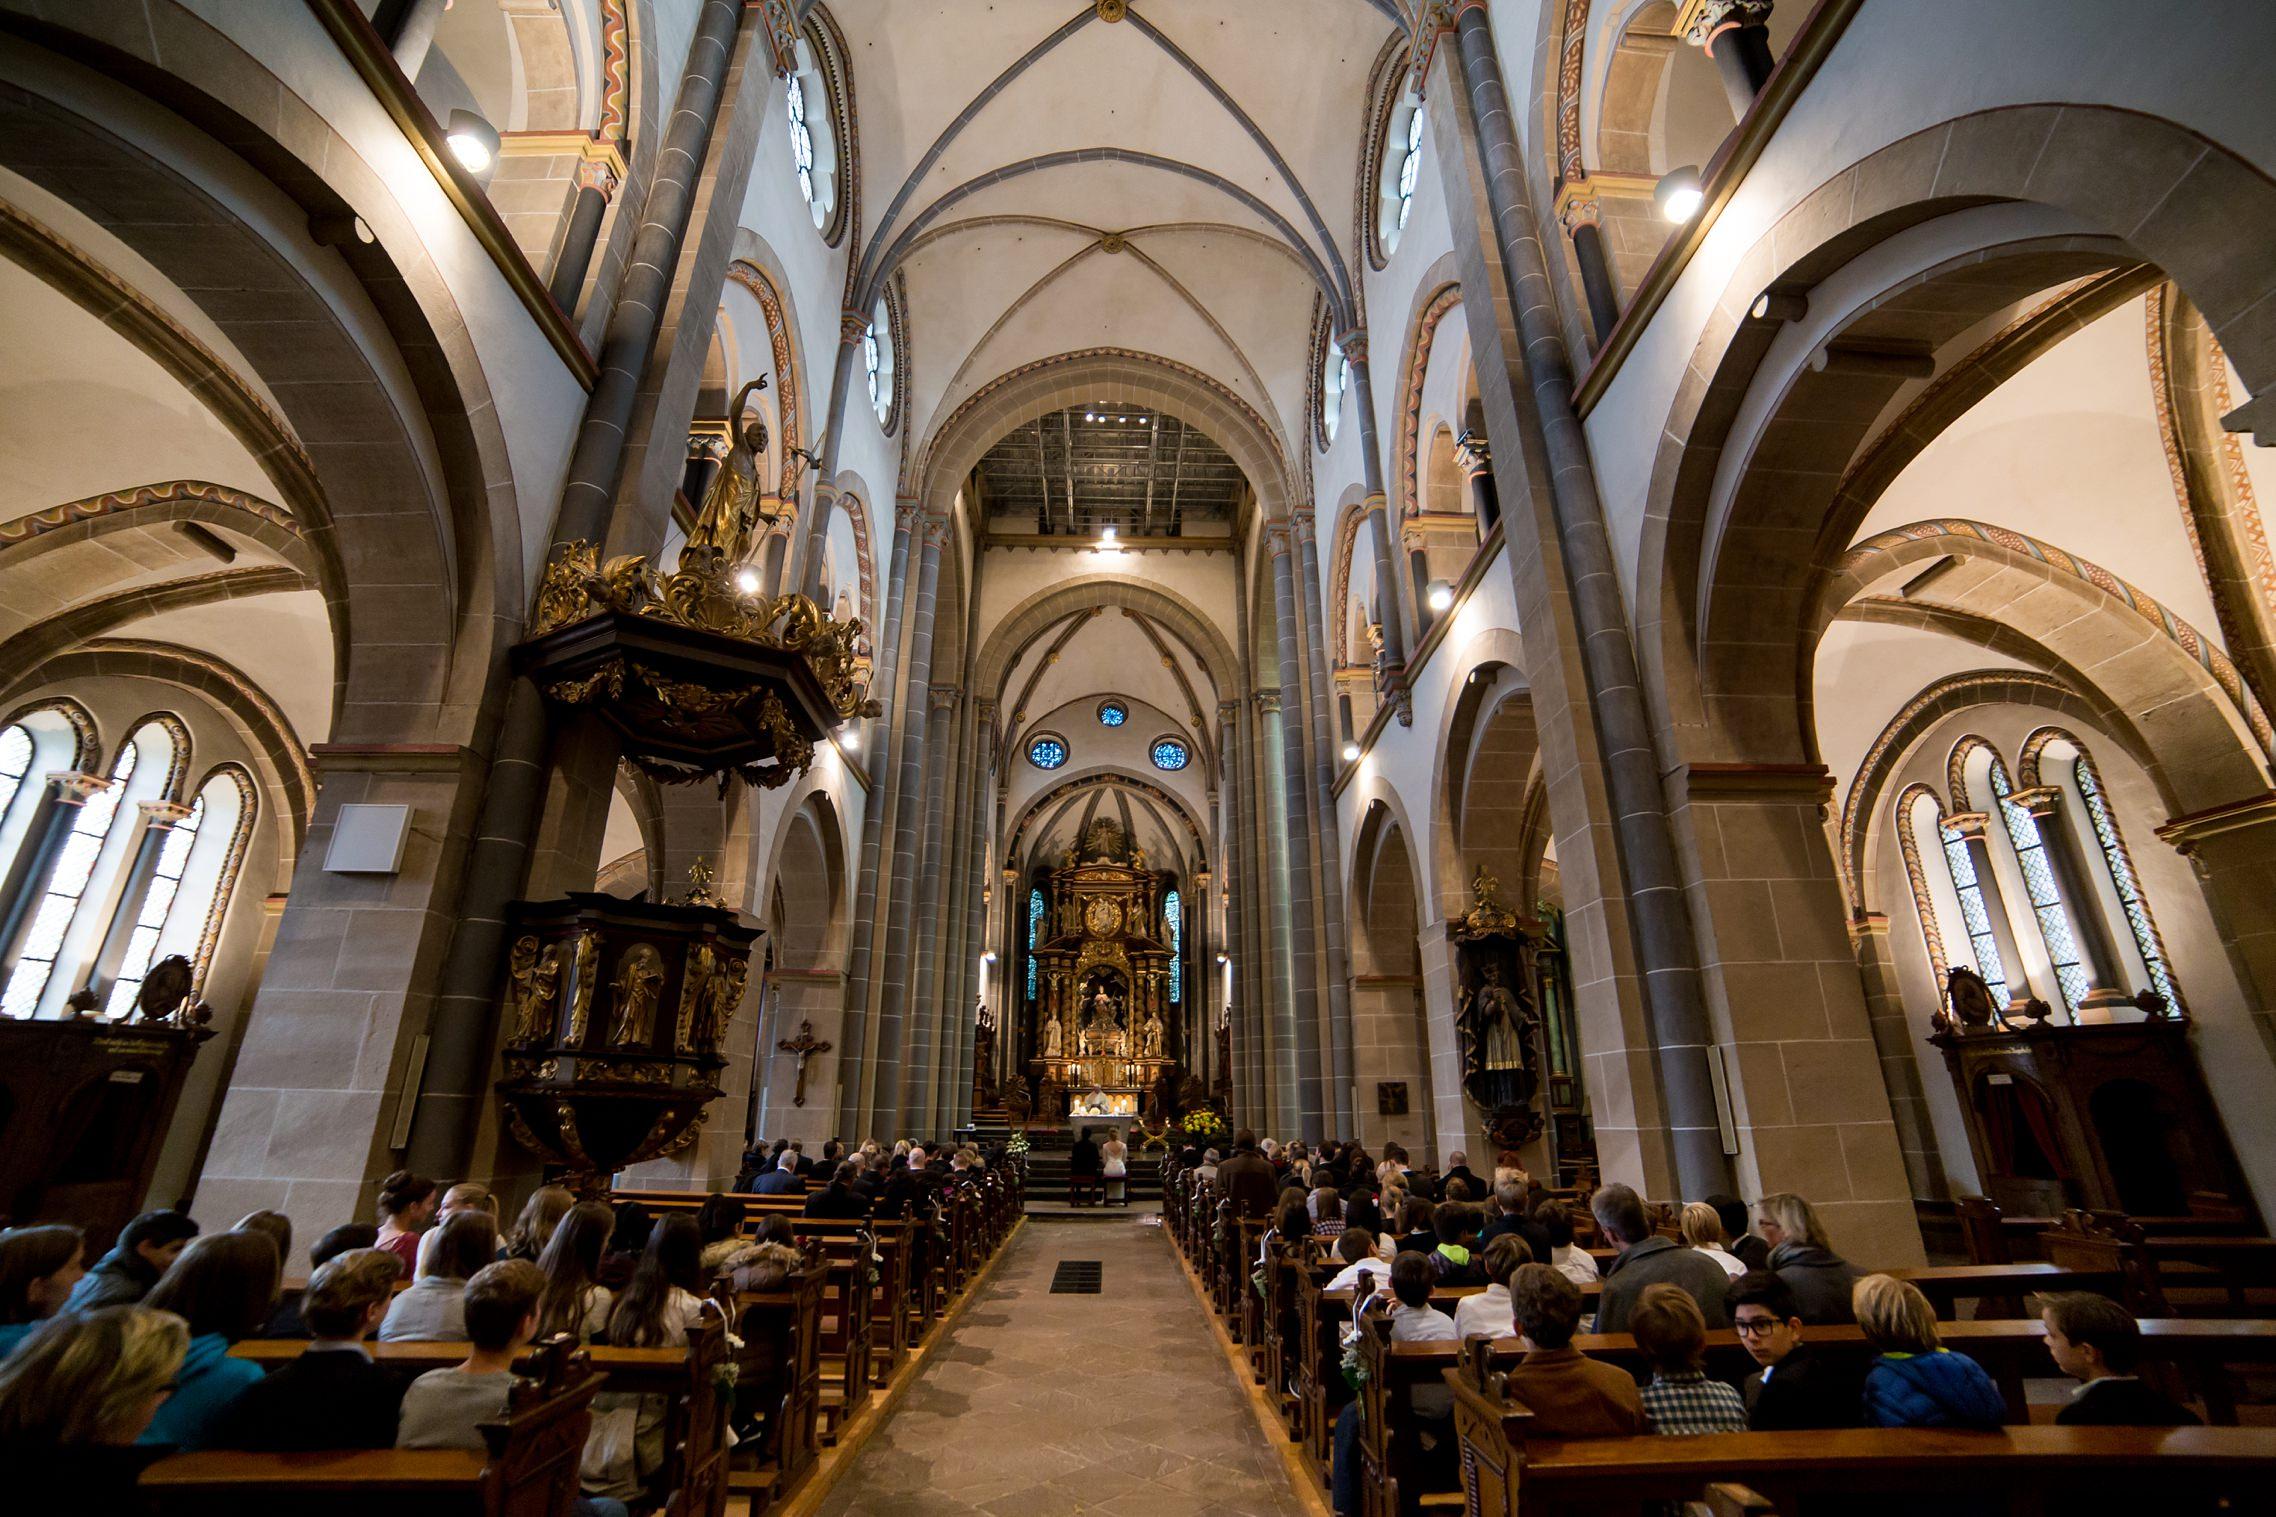 Panorama-Ansicht der Basilika in Werden während eines Traugottesdienstes